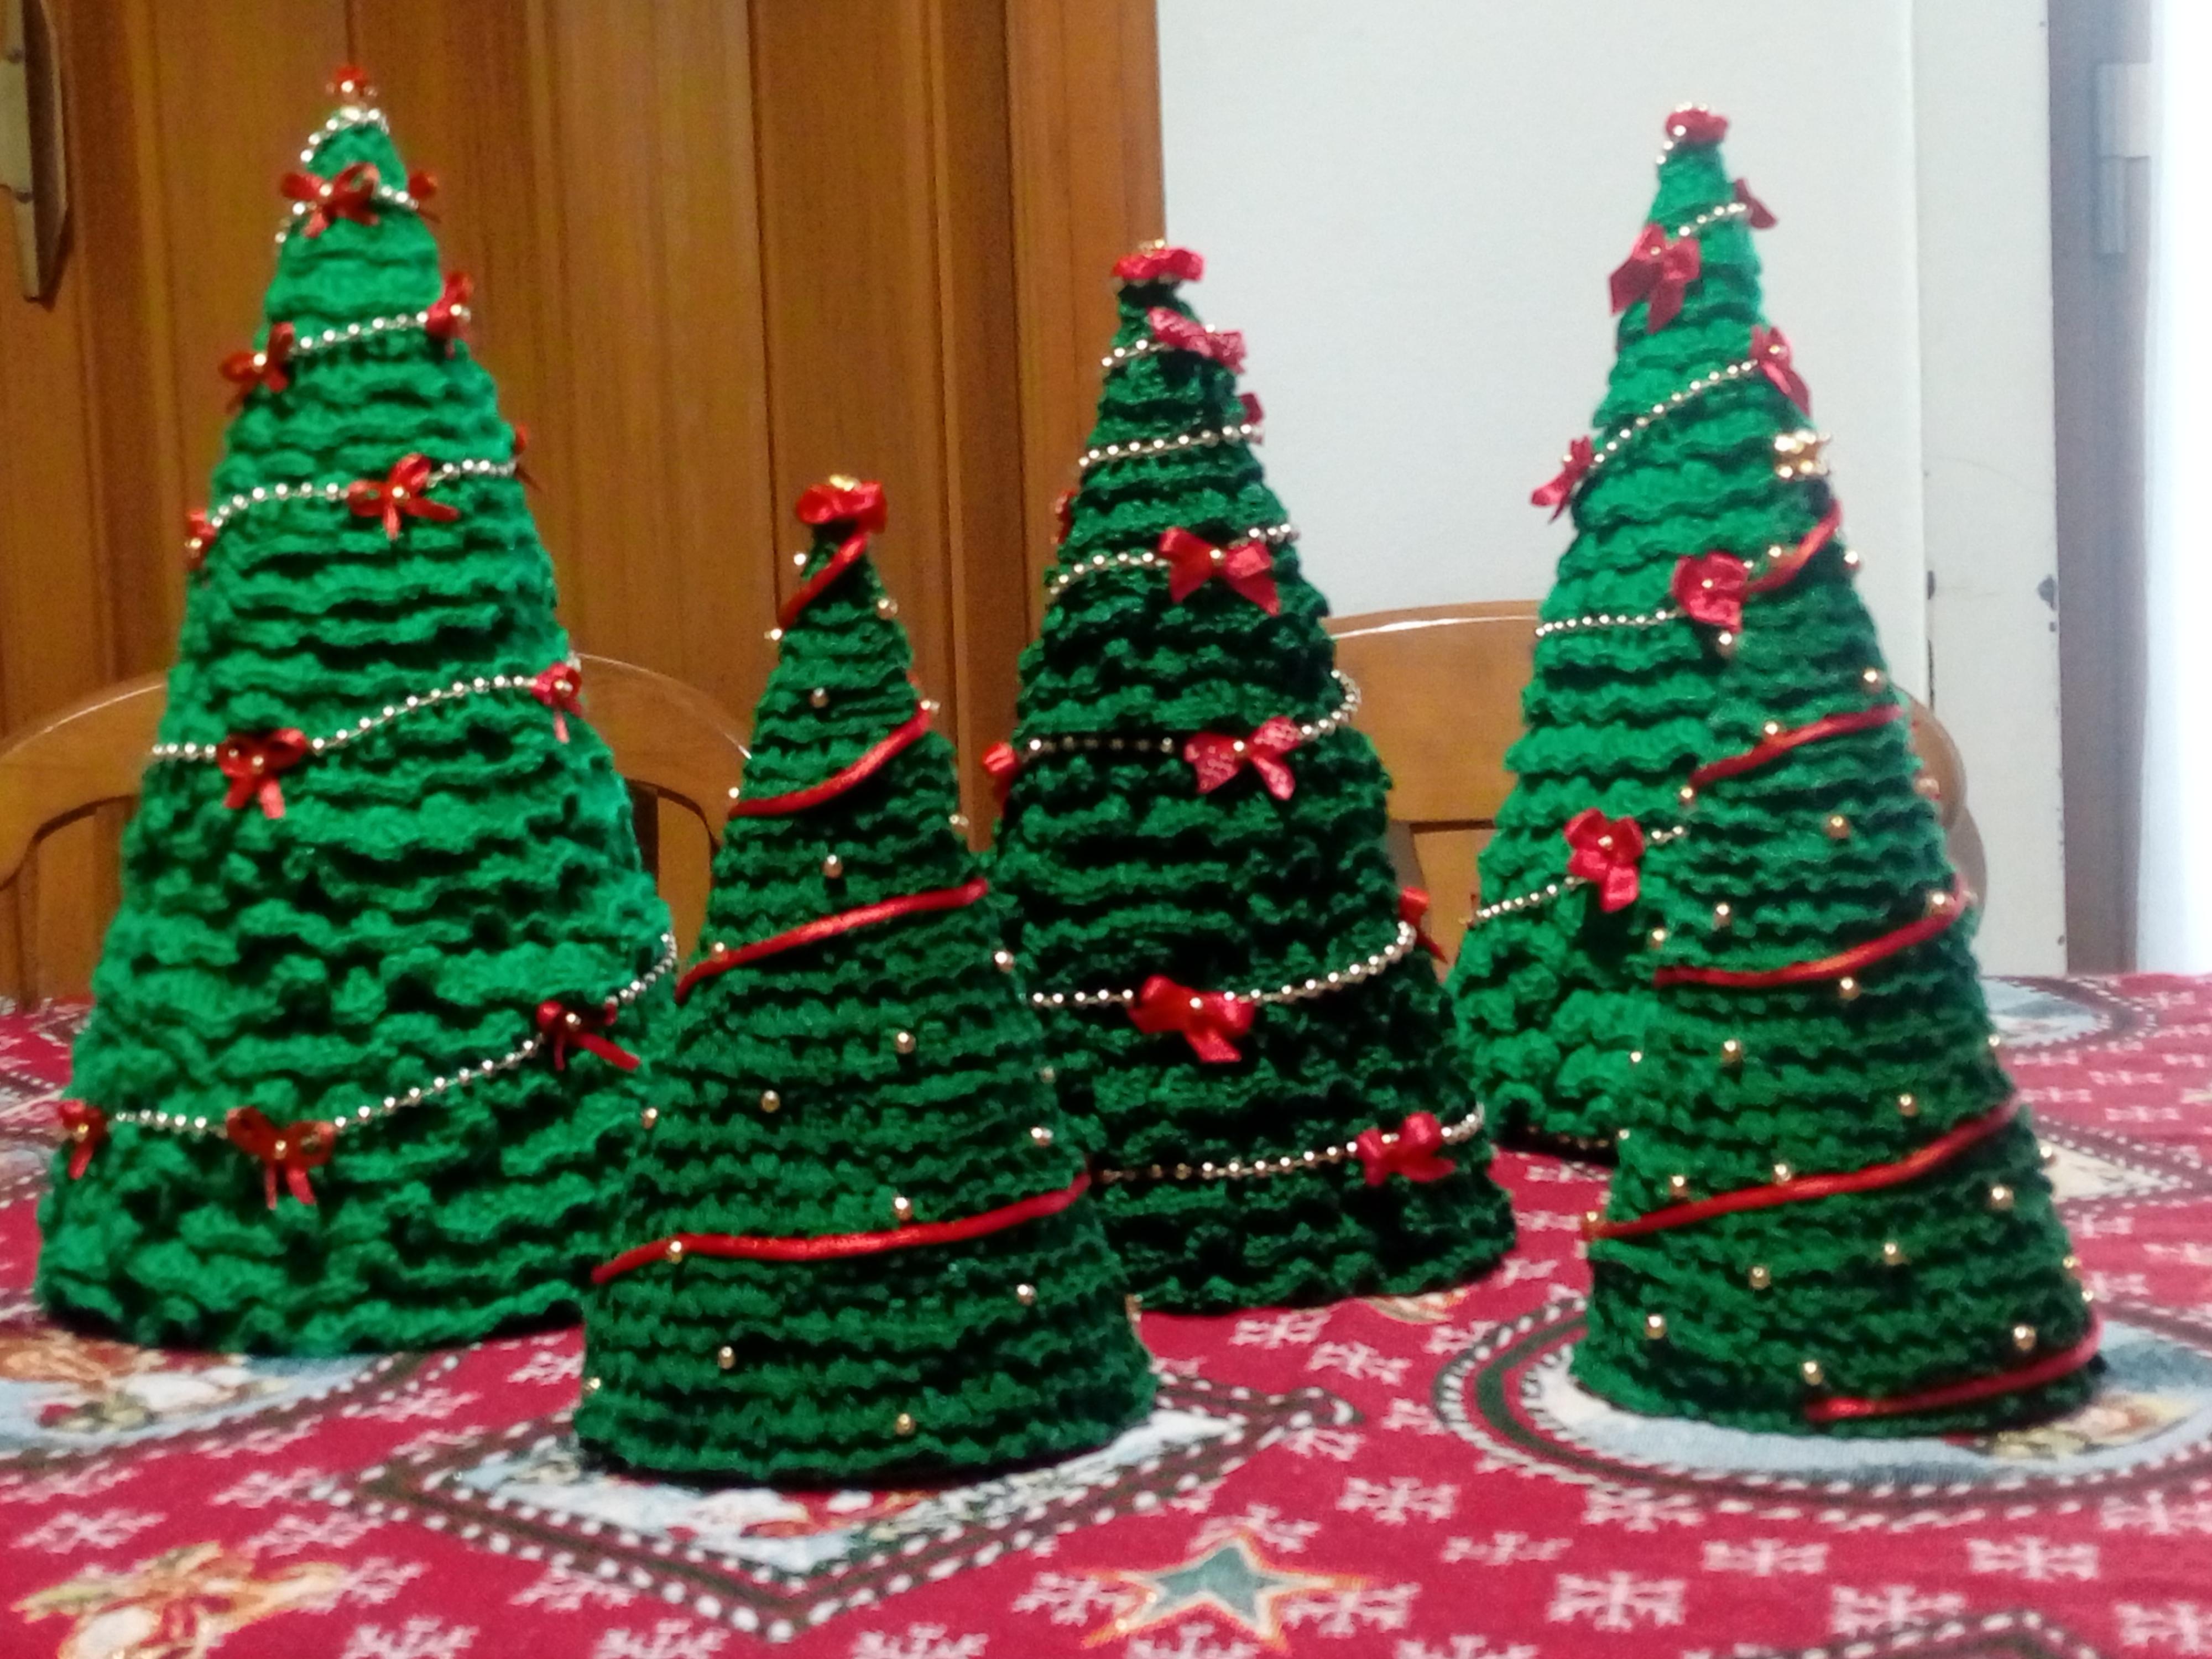 Alberelli Di Natale.Creazioni Addobbi Alberelli Di Natale All Uncinettocon Fiocchi Raso E Perline